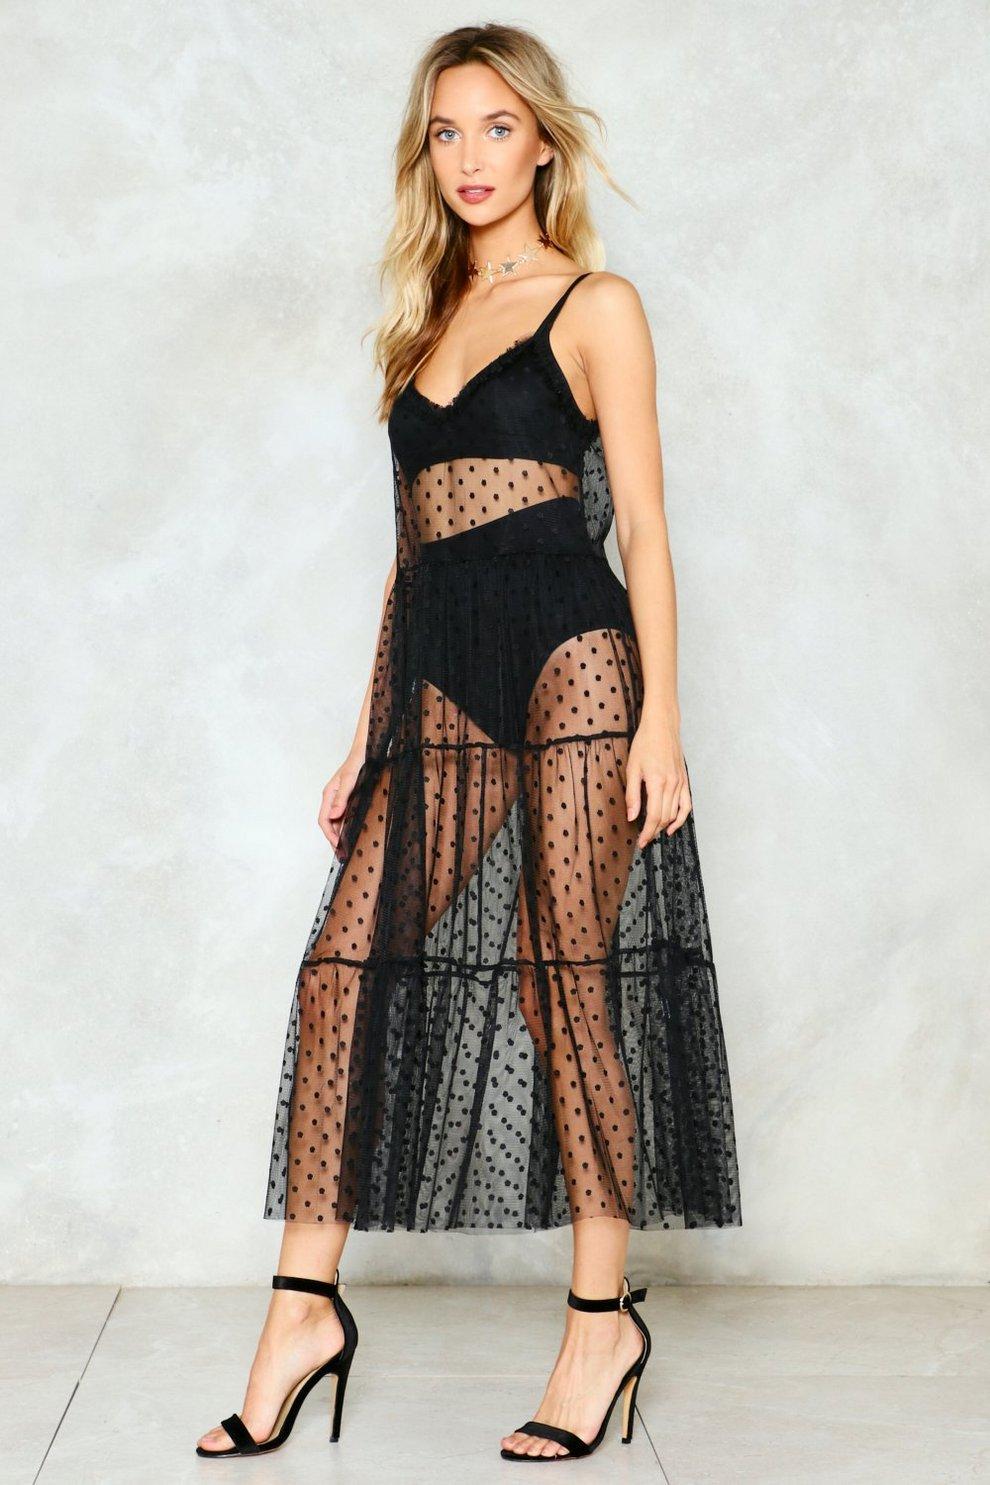 8d34b1d20a3fb2 Hot Spot Mesh Maxi Dress | Shop Clothes at Nasty Gal!